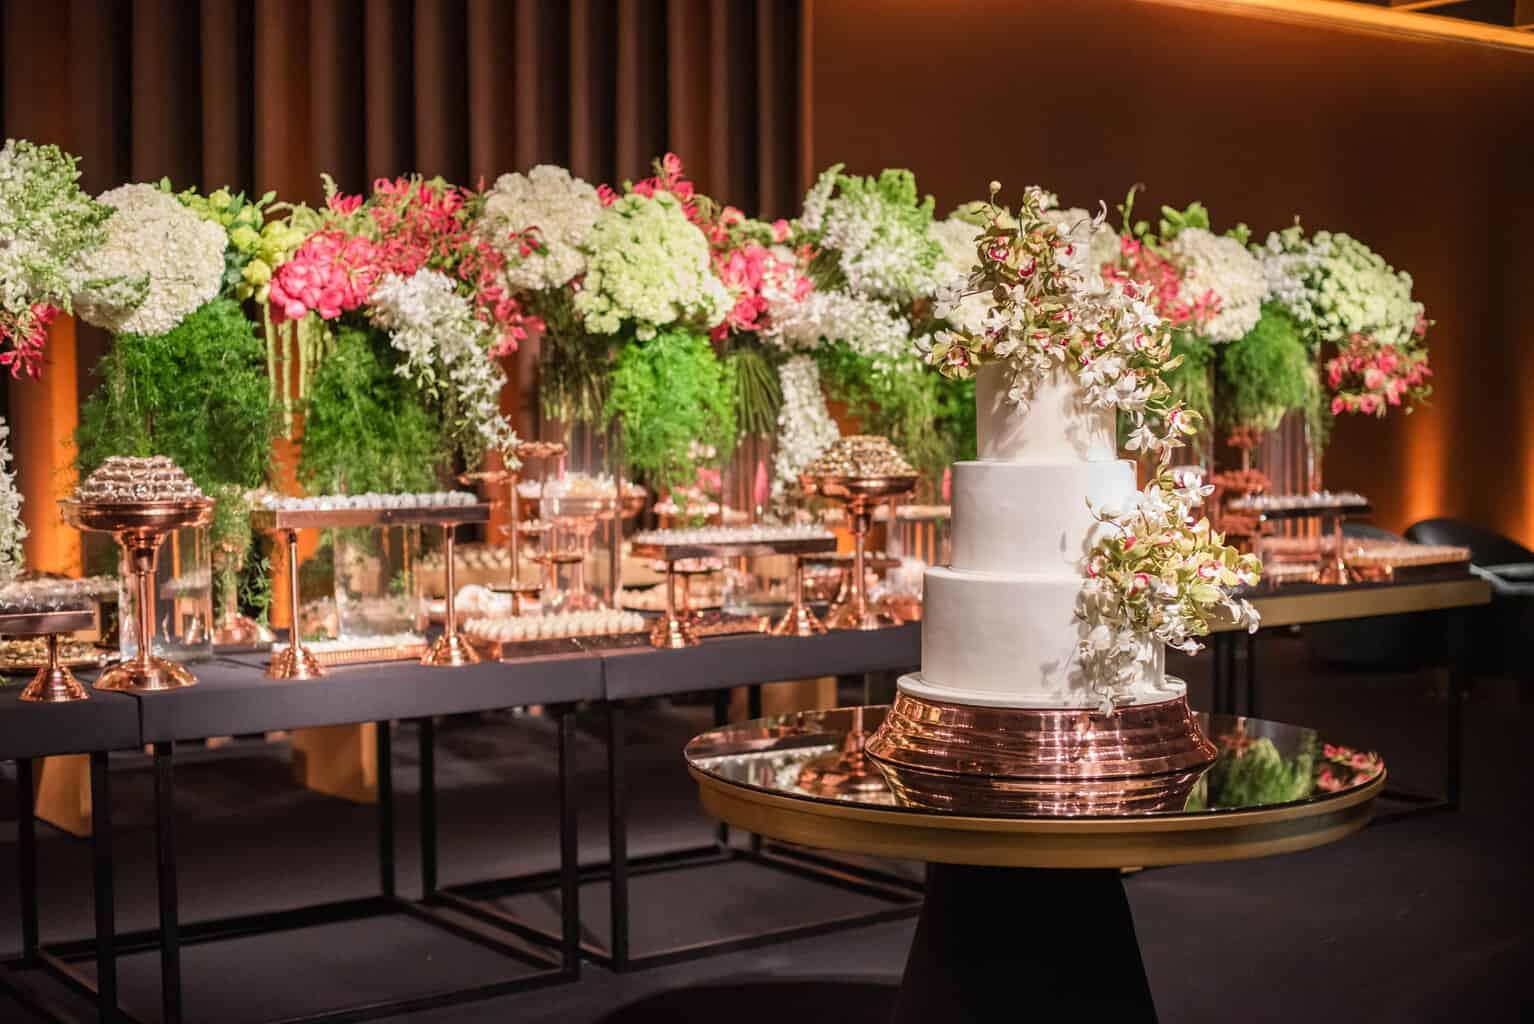 casamento-Karynna-e-Fernando-cerimonial-TCD-Eventos-decoração-Eugenia-Guerrera-Decoração-Melanie-Schmid-fotografia-Marina-Fava23